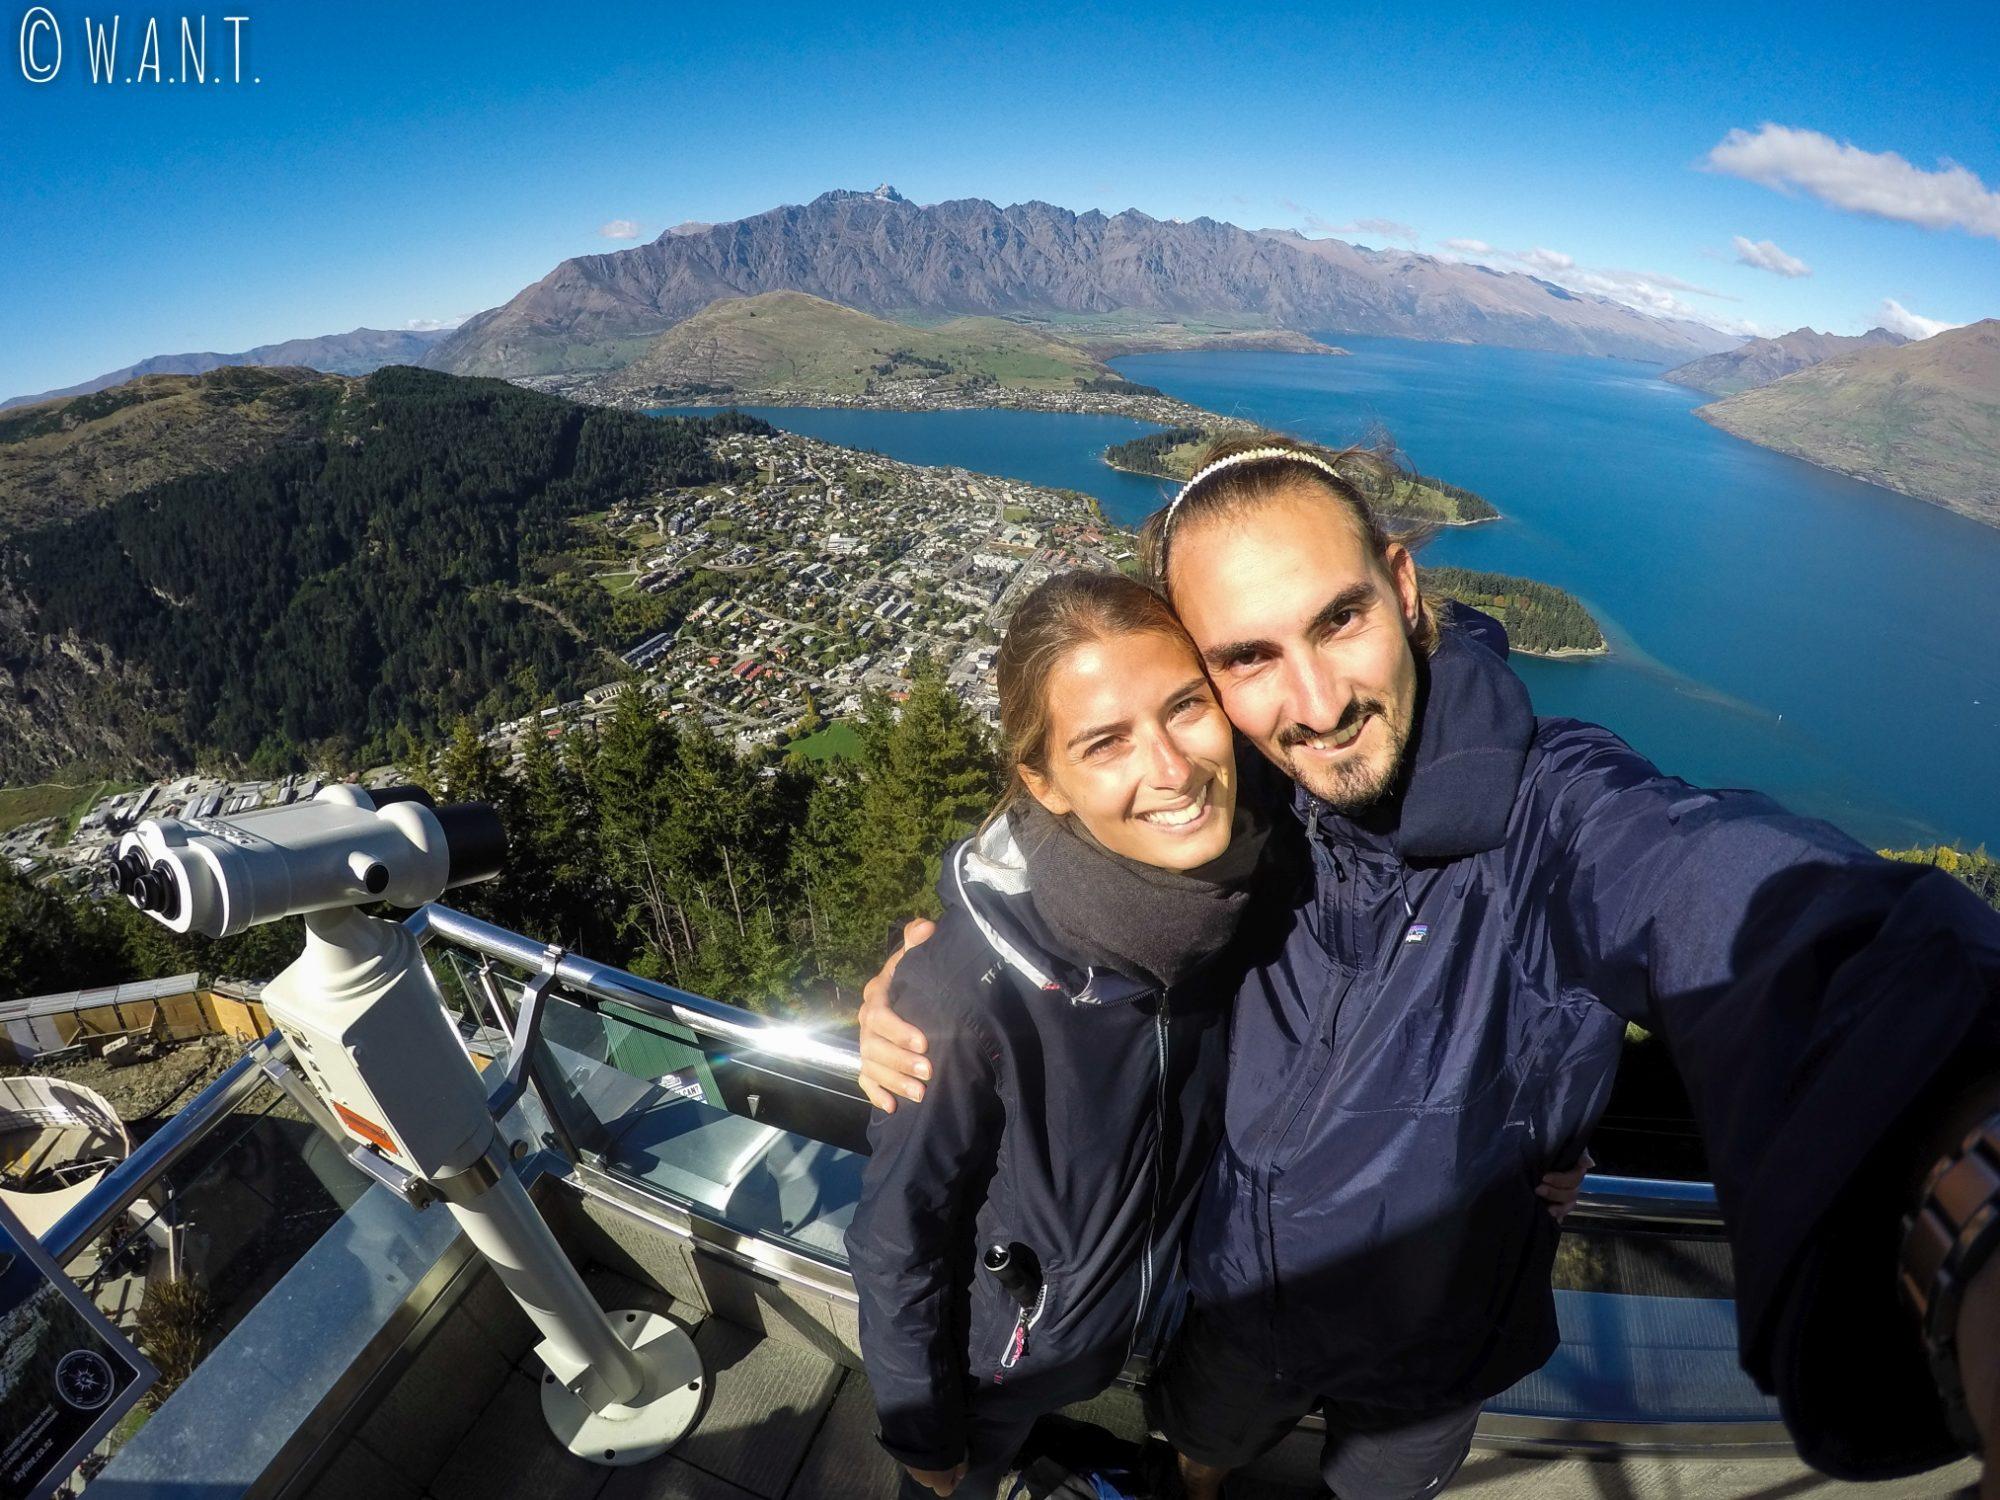 Selfie après notre ascension jusqu'au point de vue de Queenstown en Nouvelle-Zélande